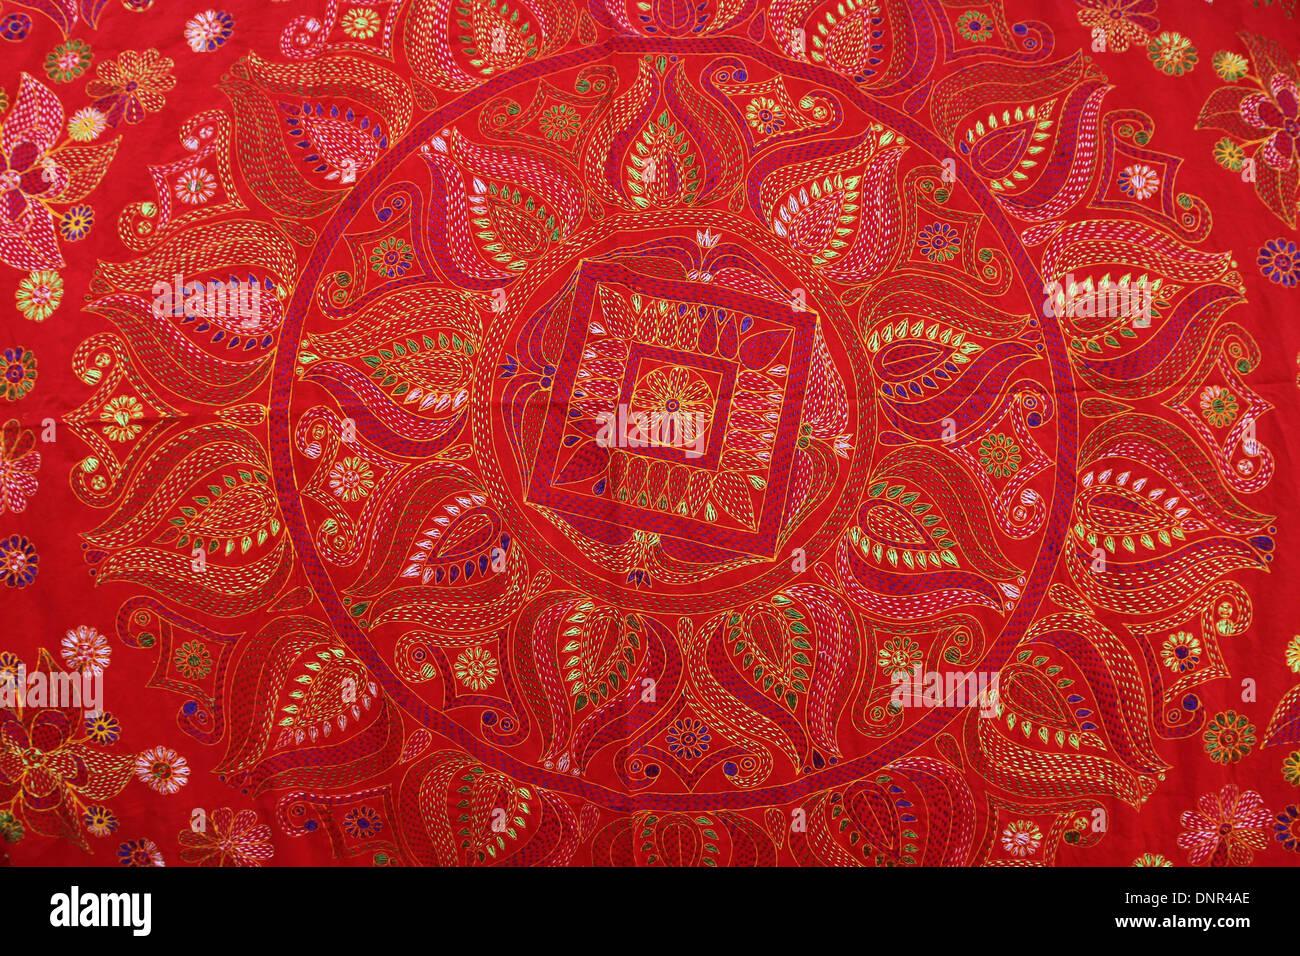 Nakshi Katha Stockfotos & Nakshi Katha Bilder - Seite 2 - Alamy